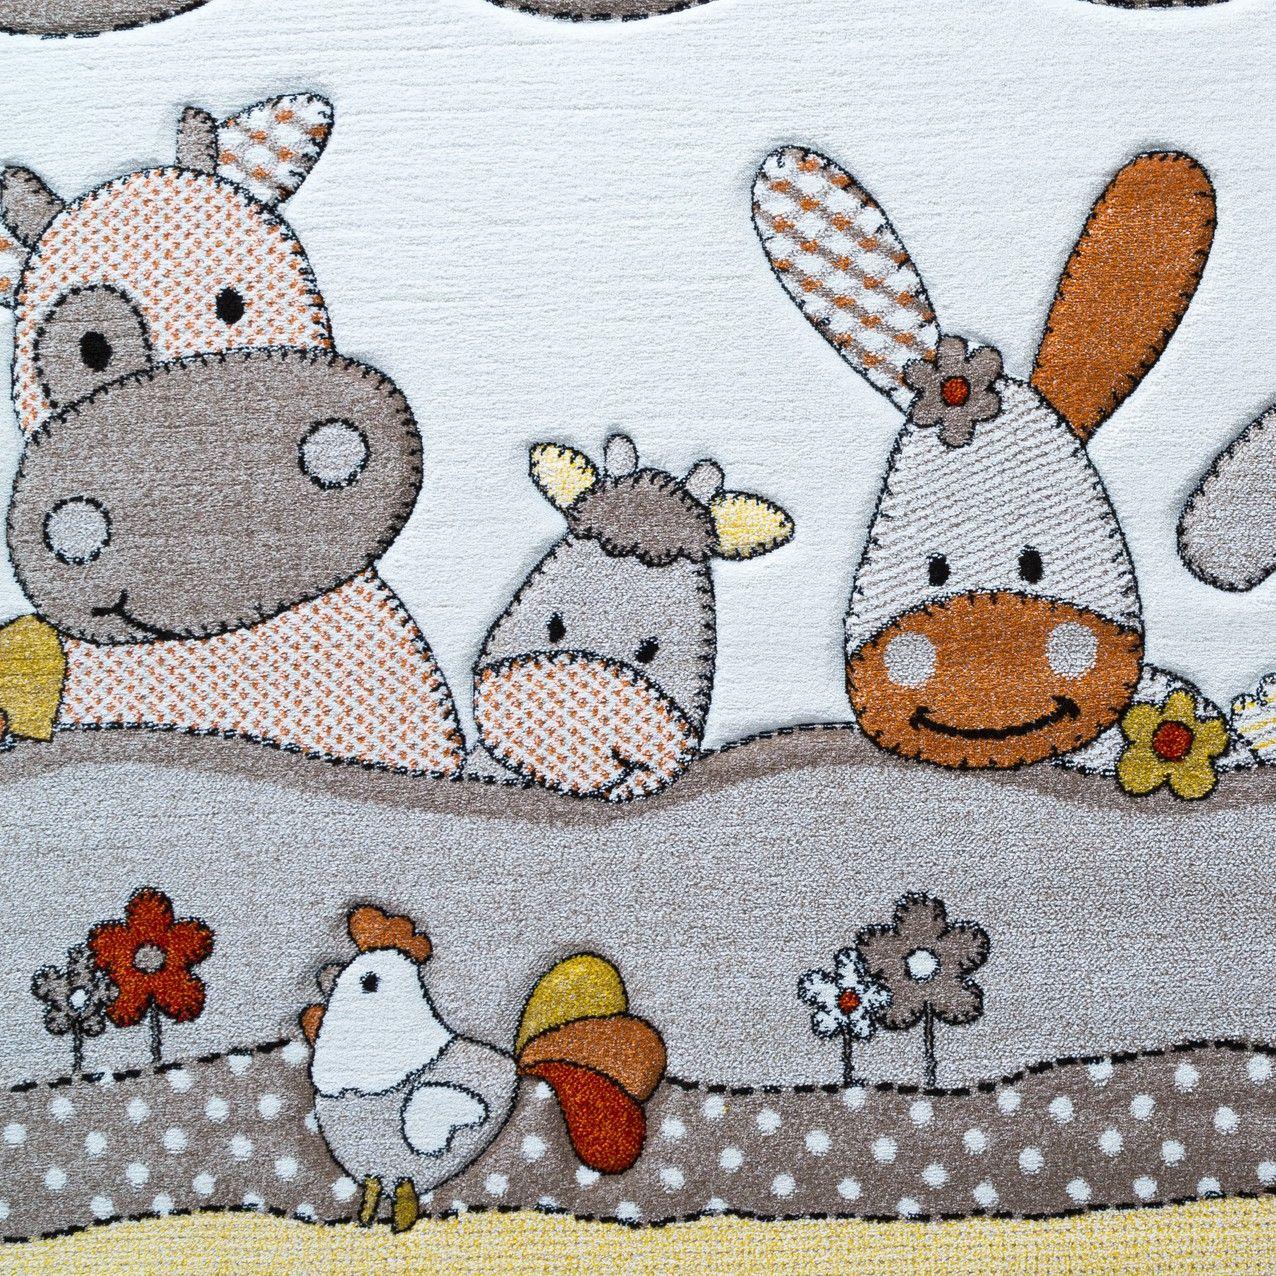 Kinder teppich bauernhof design lustige tiere kinderzimmer for Kinderzimmer teppich tiere